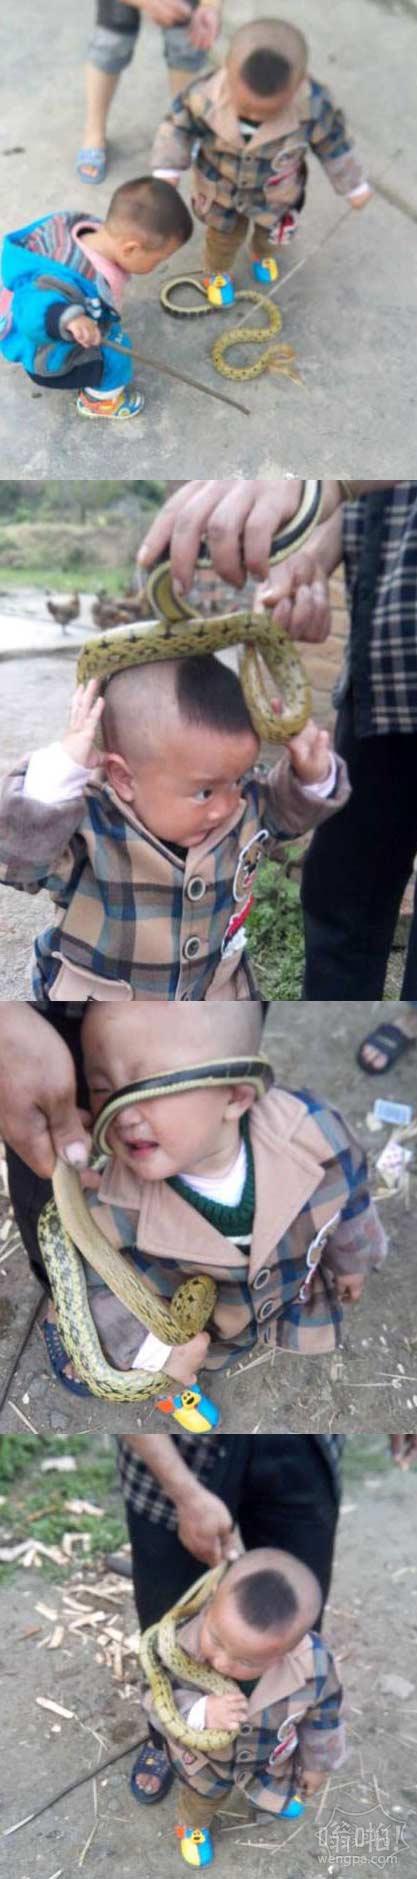 这家长还真放开了让孩子玩蛇